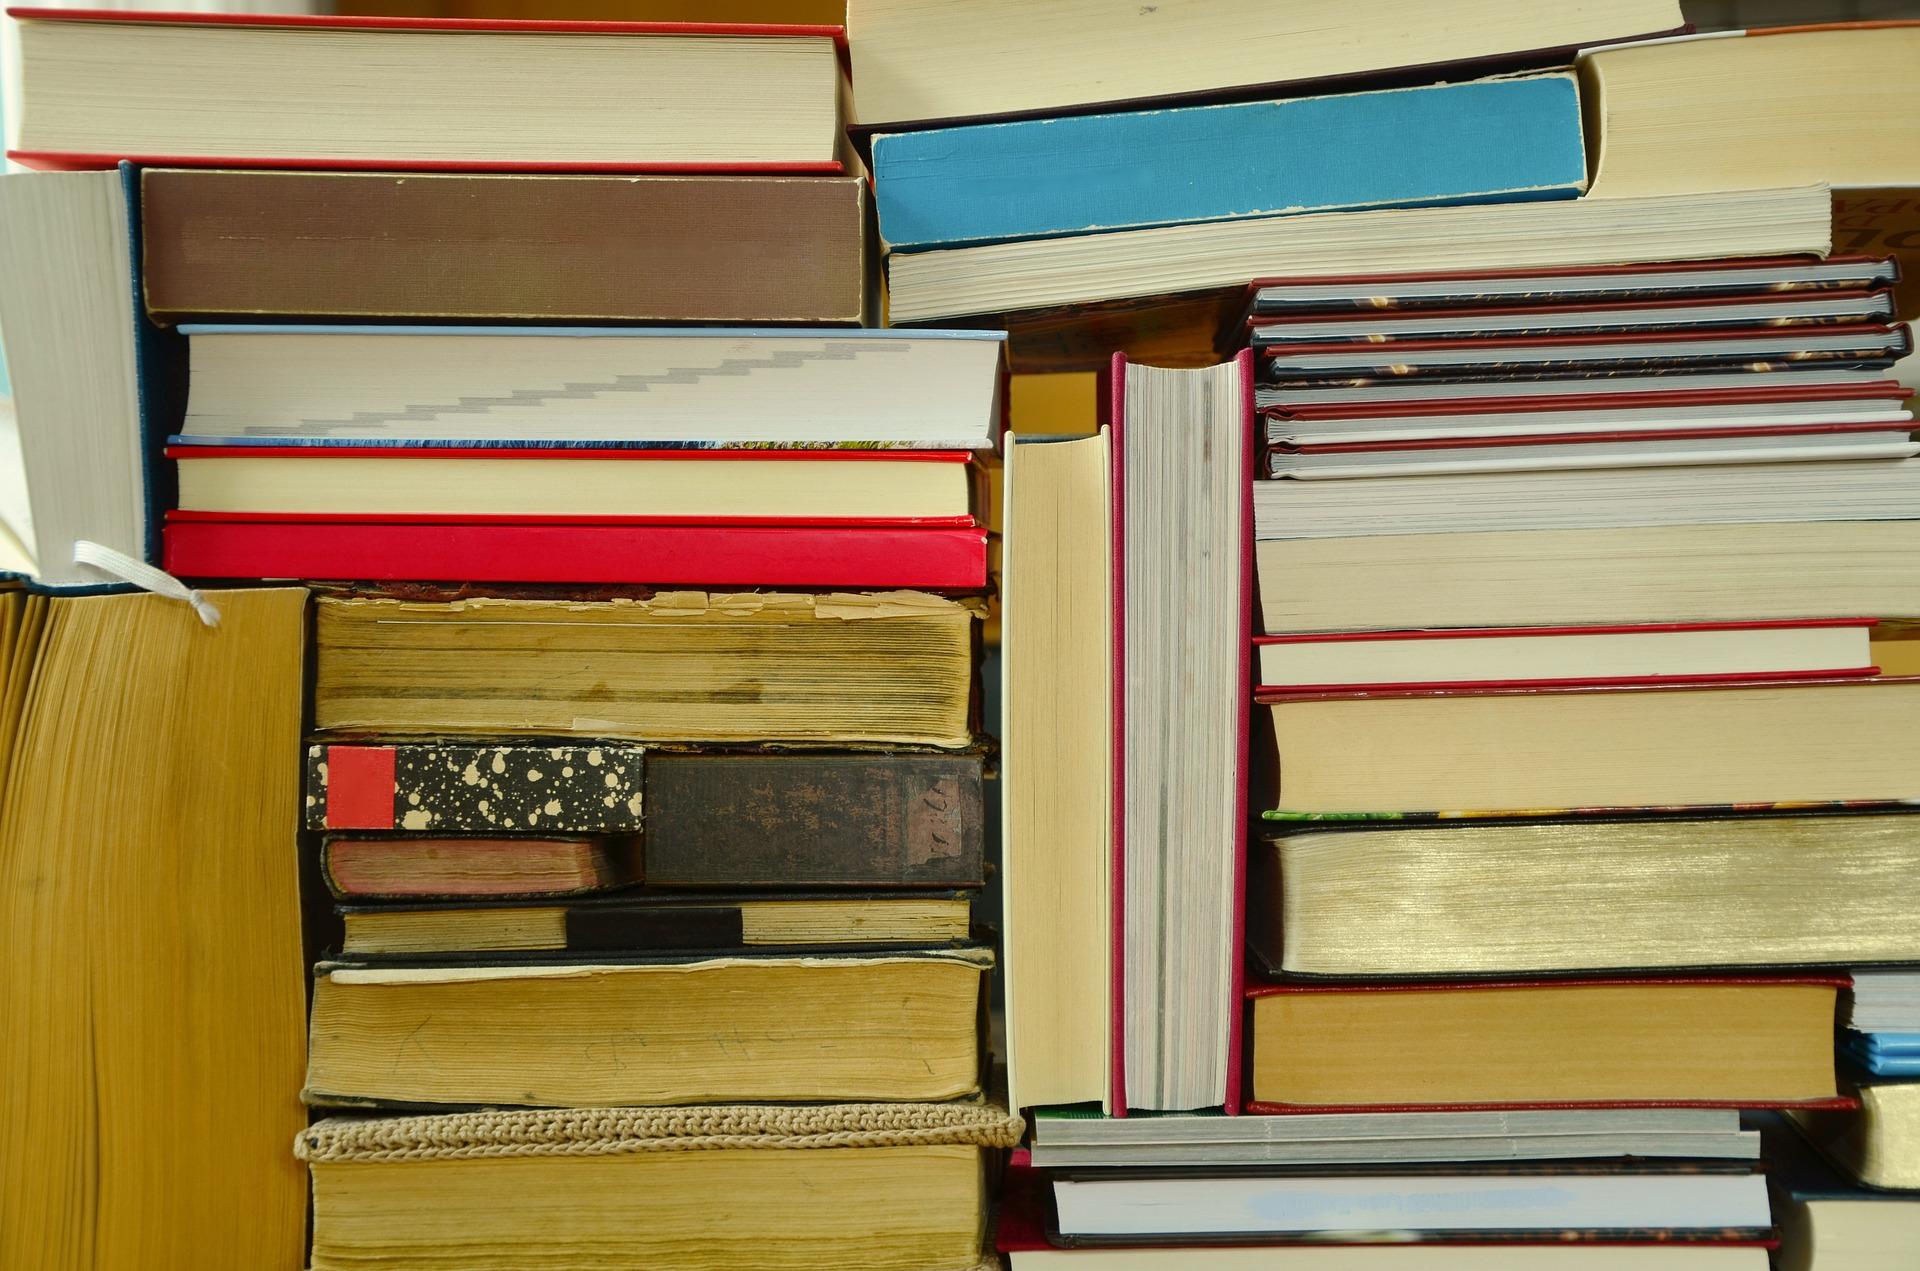 Gestapelte Bücher - Bild von congerdesign auf Pixabay